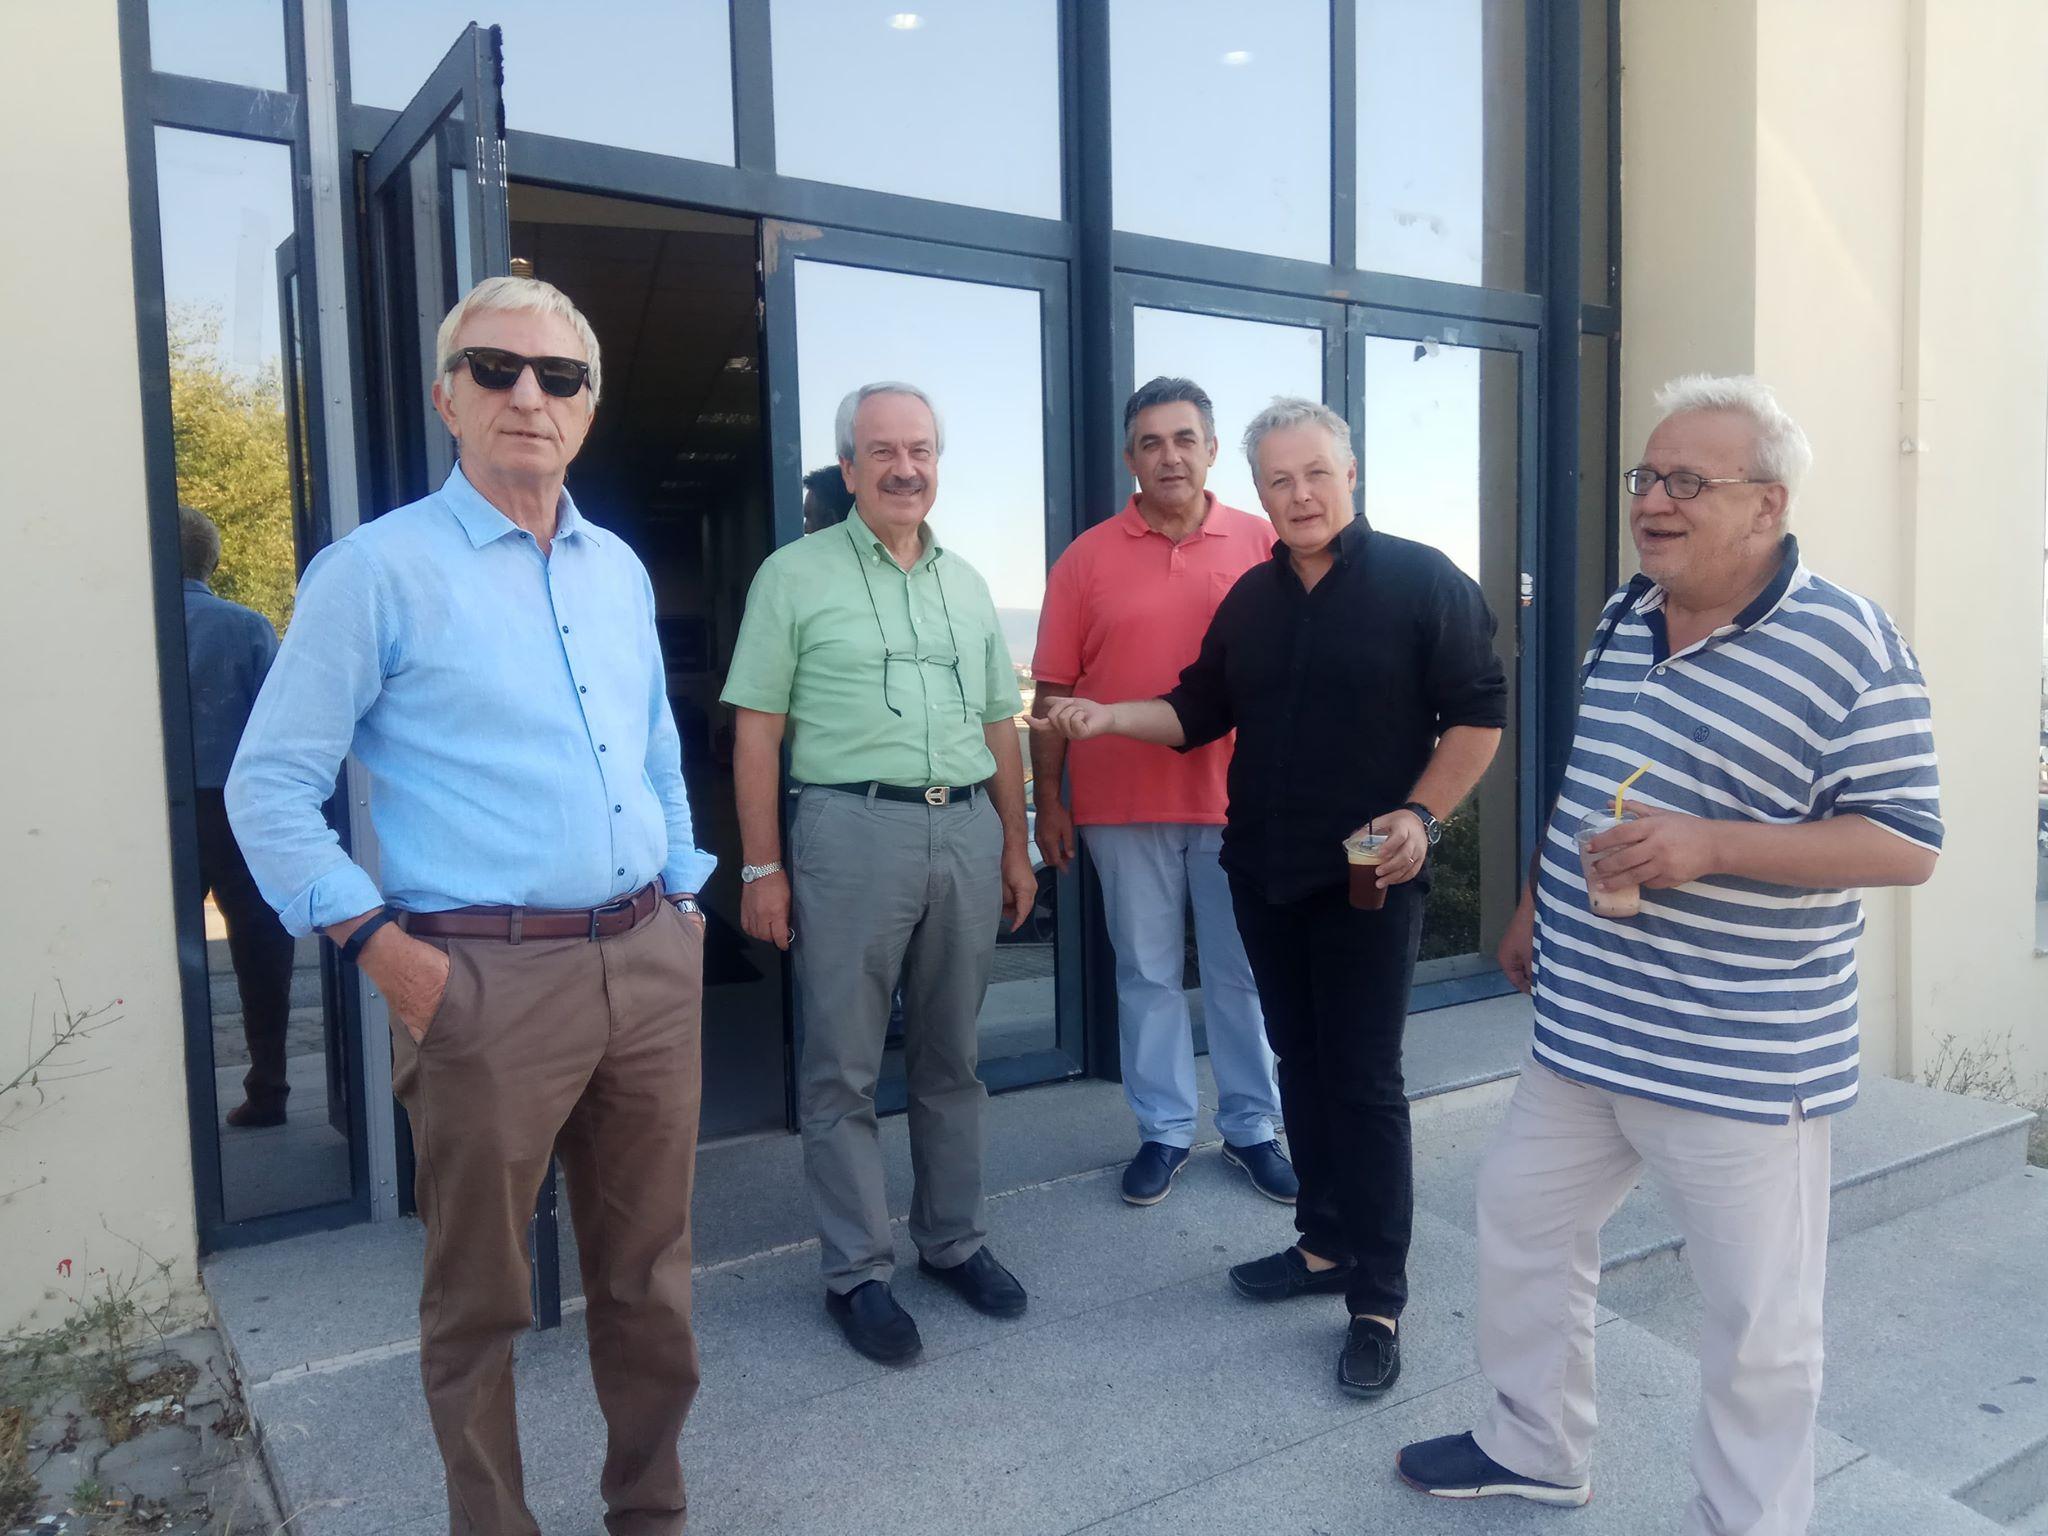 kozan.gr:  Στις κάλπες σήμερα Τετάρτη 21/8 μέλη ΔΕΠ ΕΤΕΠ,ΕΔΙΠ, ΕΕΠ και διοικητικοί υπάλληλοι του Πανεπιστημίου Δ. Μακεδονίας για ανάδειξη Πρύτανη κι Αντιπρυτάνεων (Φωτογραφίες)